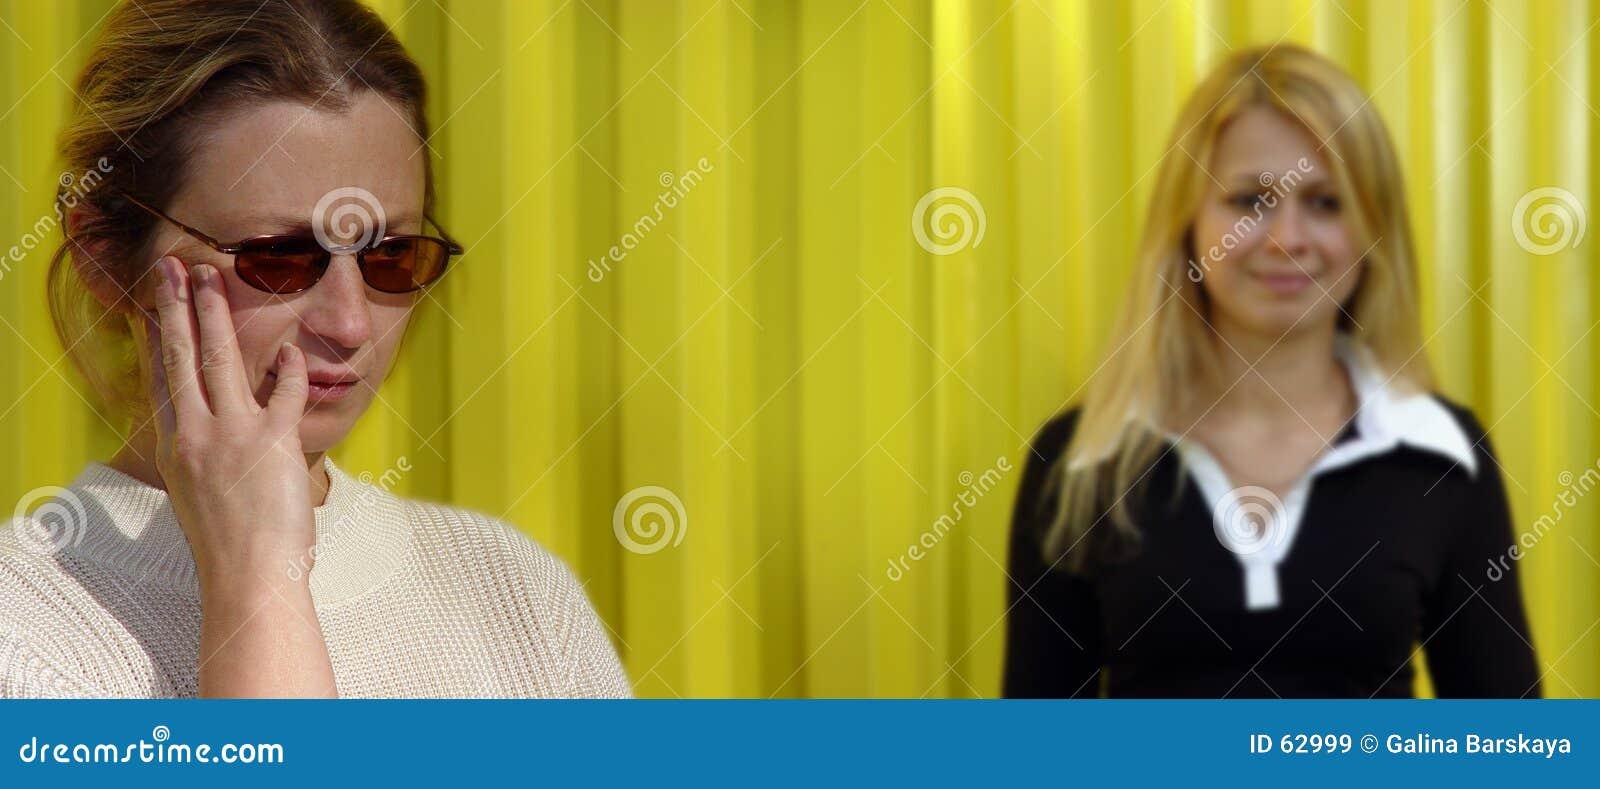 Mujeres rubias en amarillo